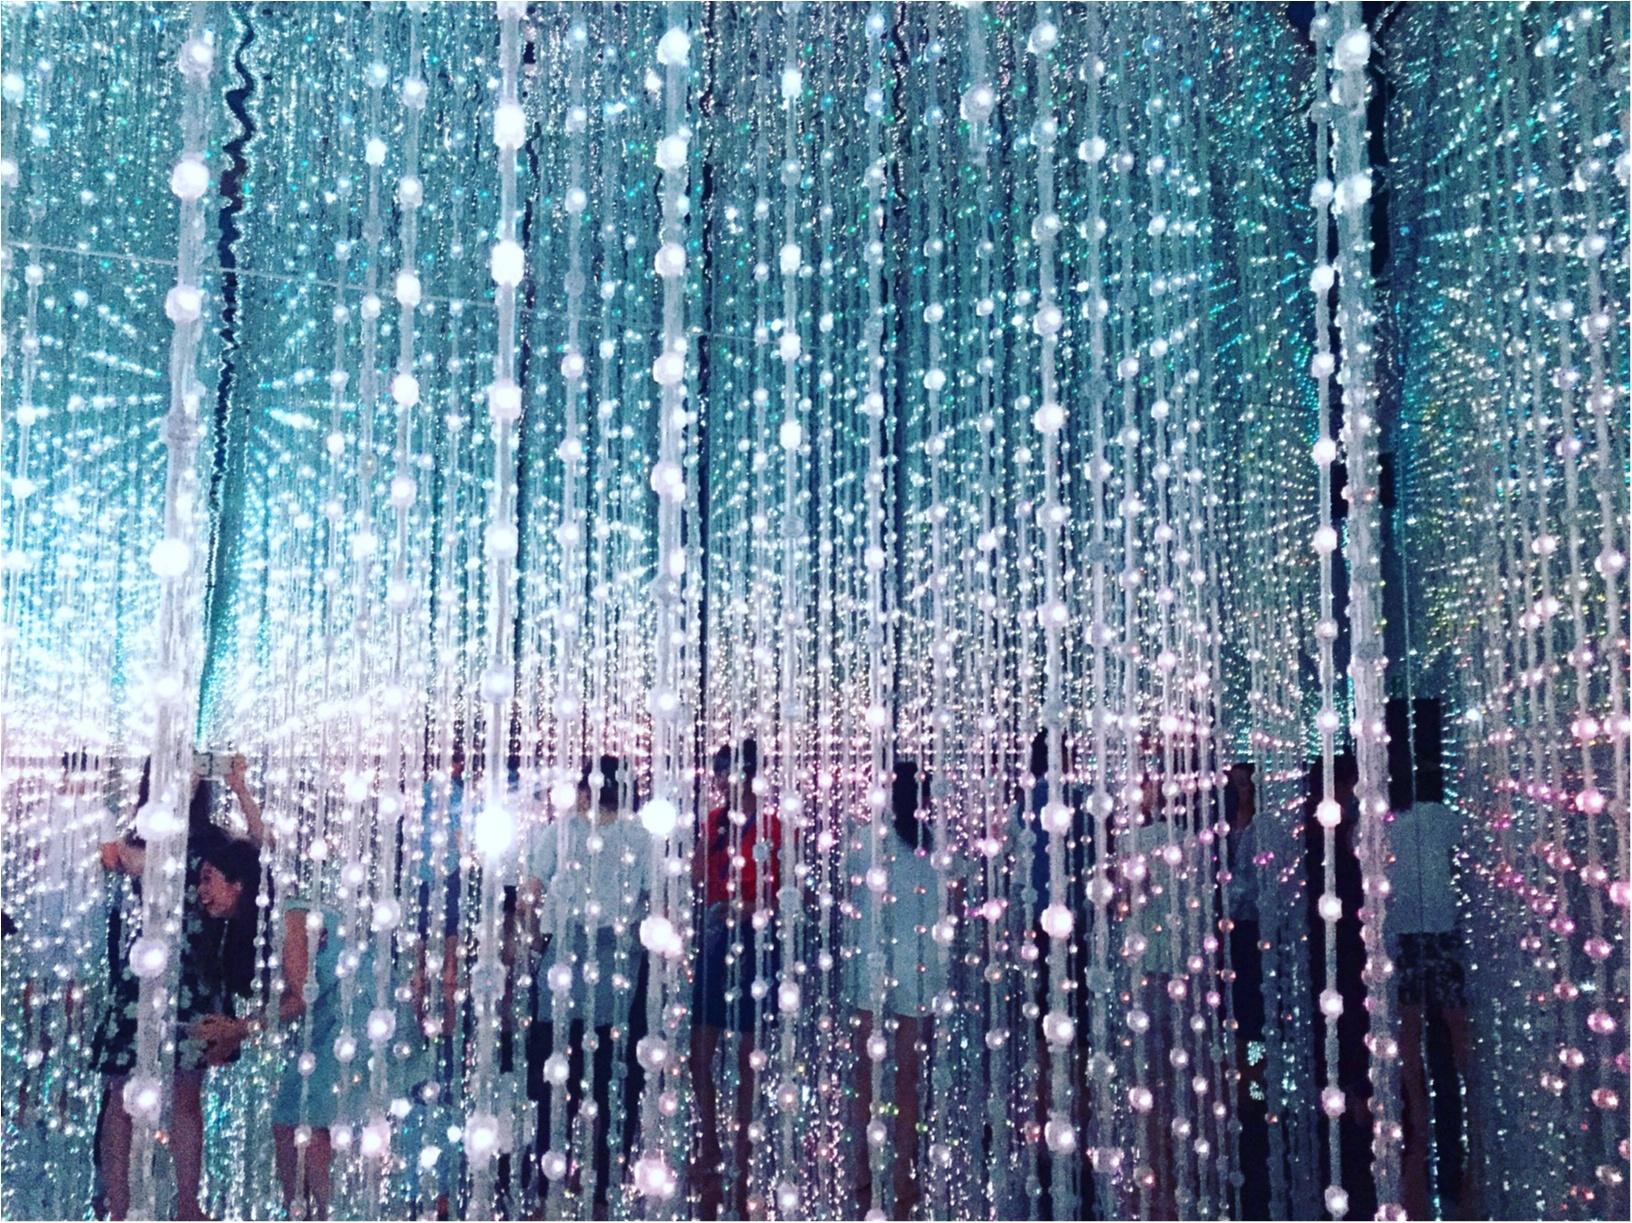 【夏のお出掛けスポット/DMM.プラネッツ Art by teamLab】水に浸かったり仰向けになったりして鑑賞する『デジタルアート』が幻想的✨8/31まで!お台場に急げ♩≪samenyan≫_5